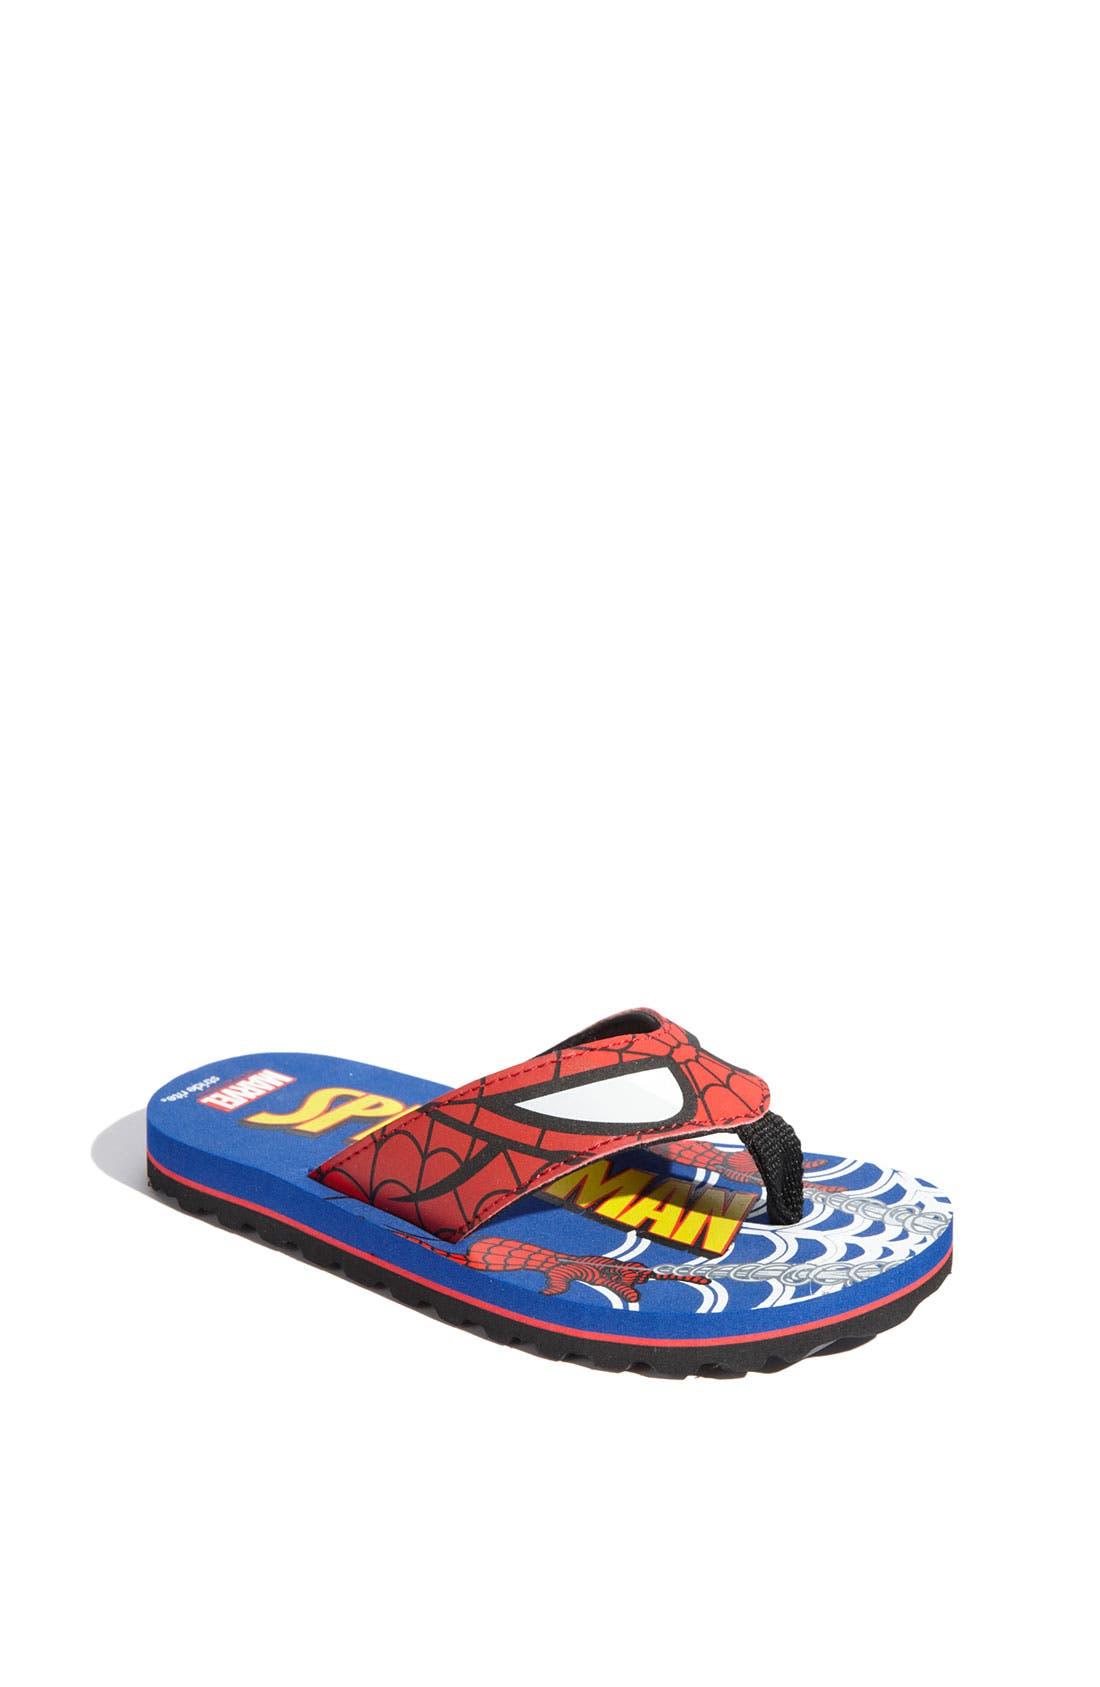 Alternate Image 1 Selected - Stride Rite 'Marvel® Comic' Flip Flop (Walker, Toddler & Little Kid)